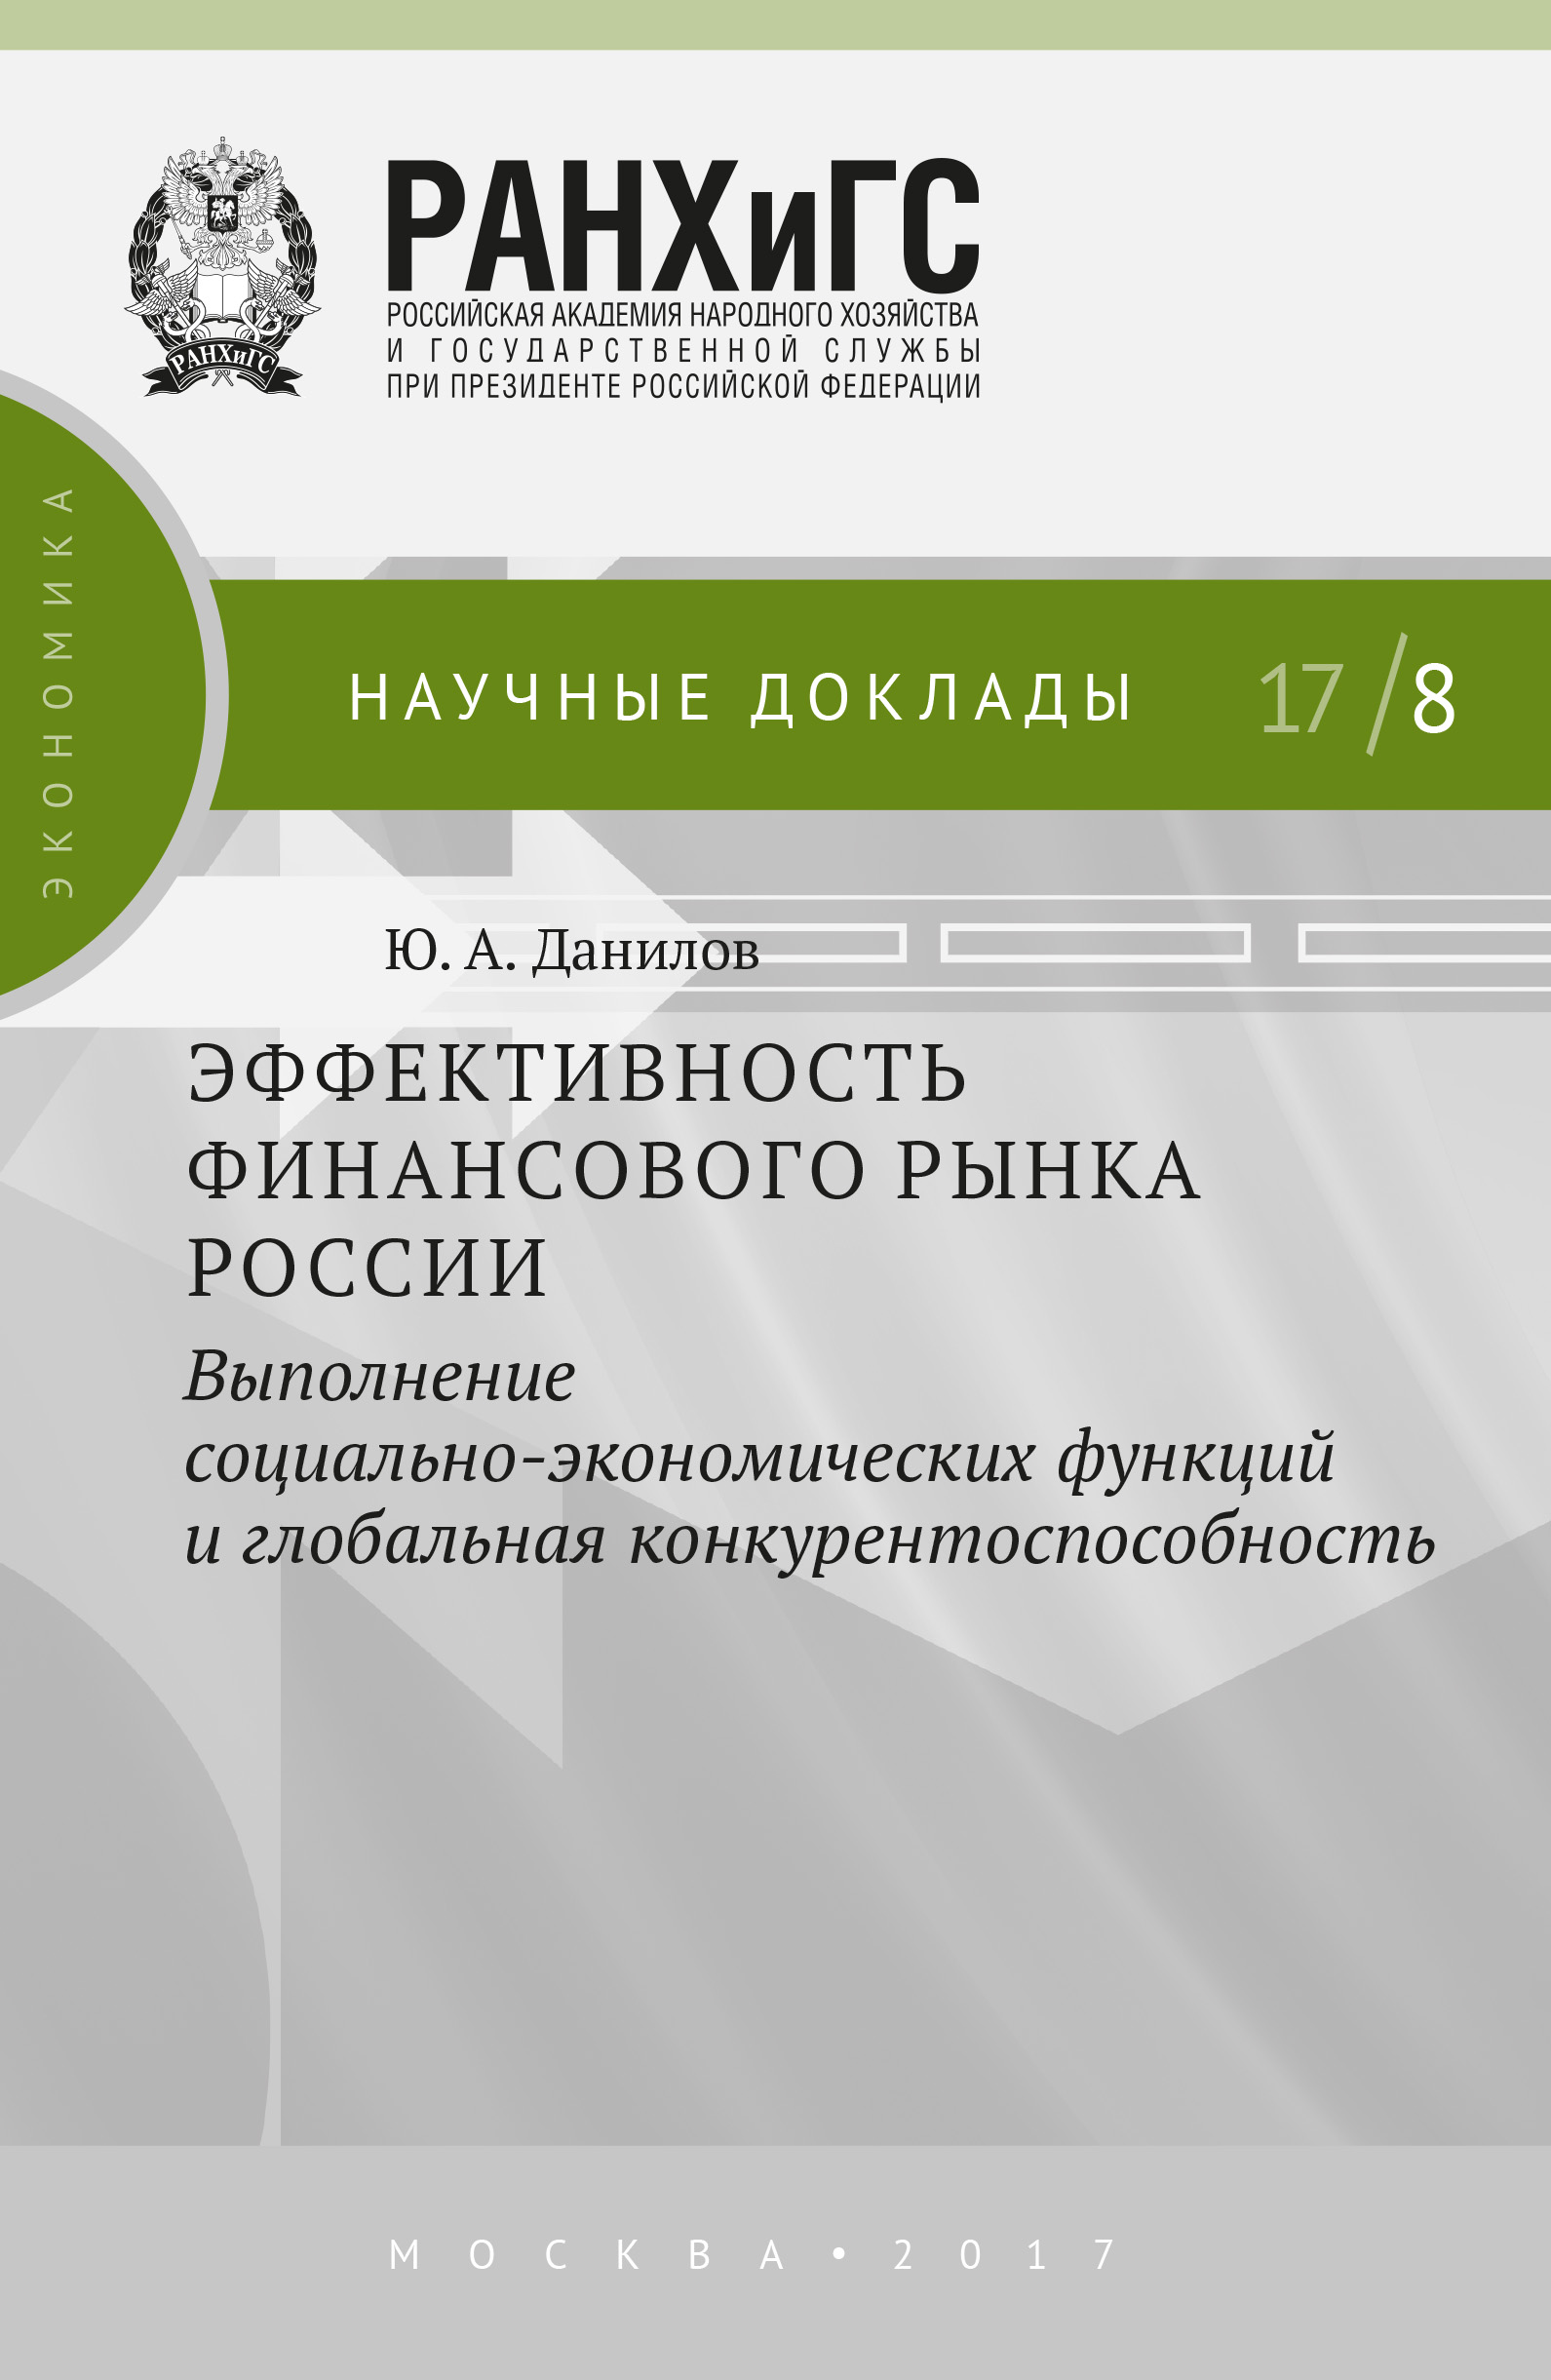 Обложка книги Эффективность финансового рынка России. Выполнение социально-экономических функций и глобальная конкурентоспособность